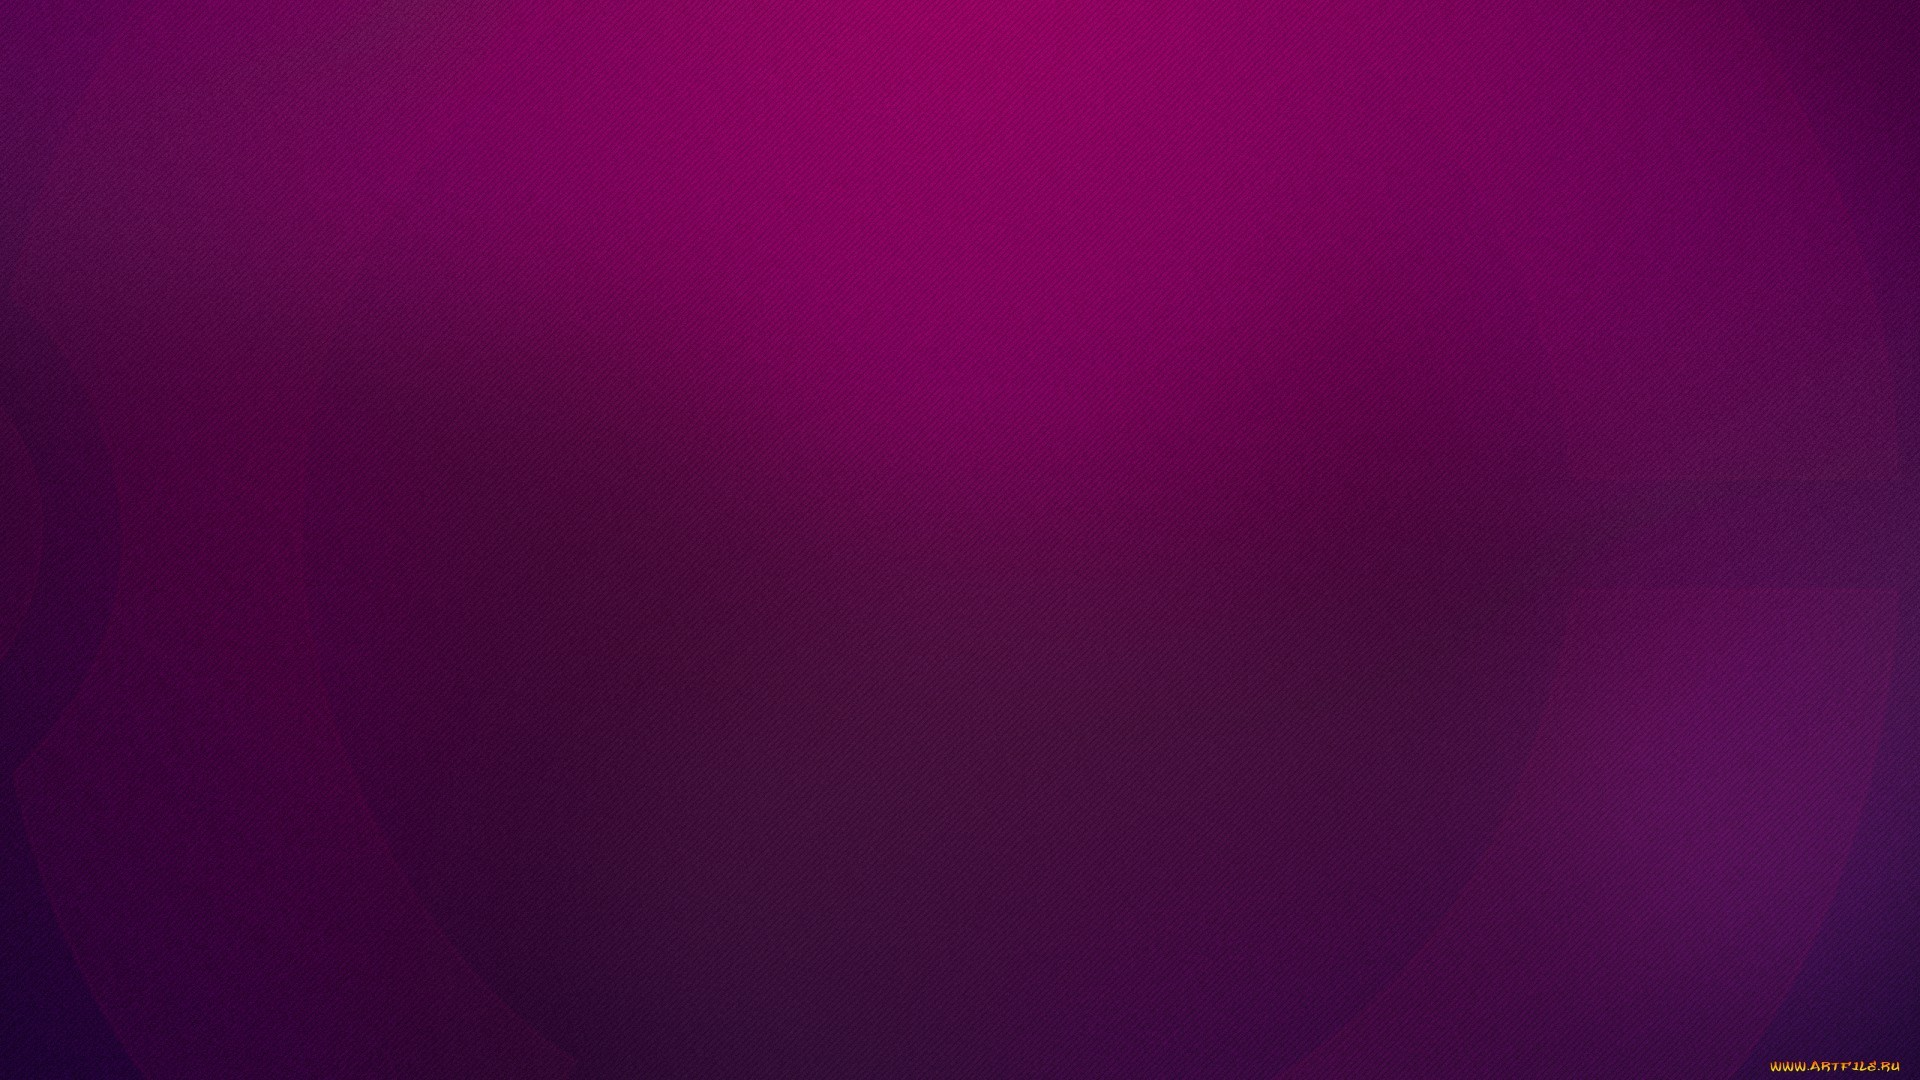 20351 скачать Фиолетовые обои на телефон бесплатно, Фон Фиолетовые картинки и заставки на мобильный